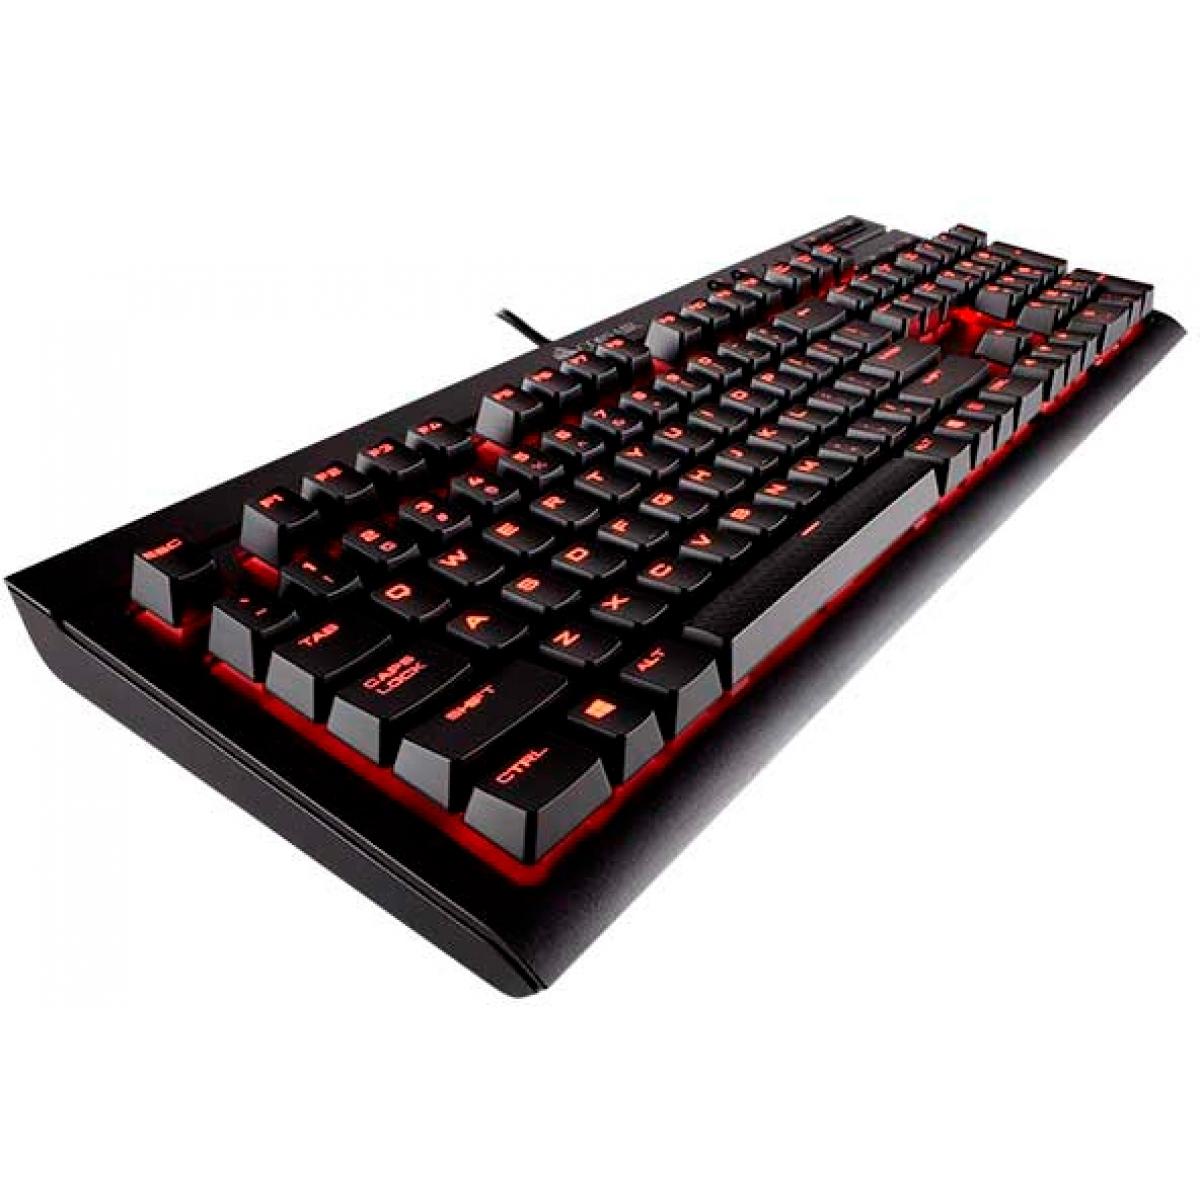 Teclado Mecânico Gamer Corsair K68 Switch Cherry MX Red CH-9102020-BR LED Vermelho ABNT2